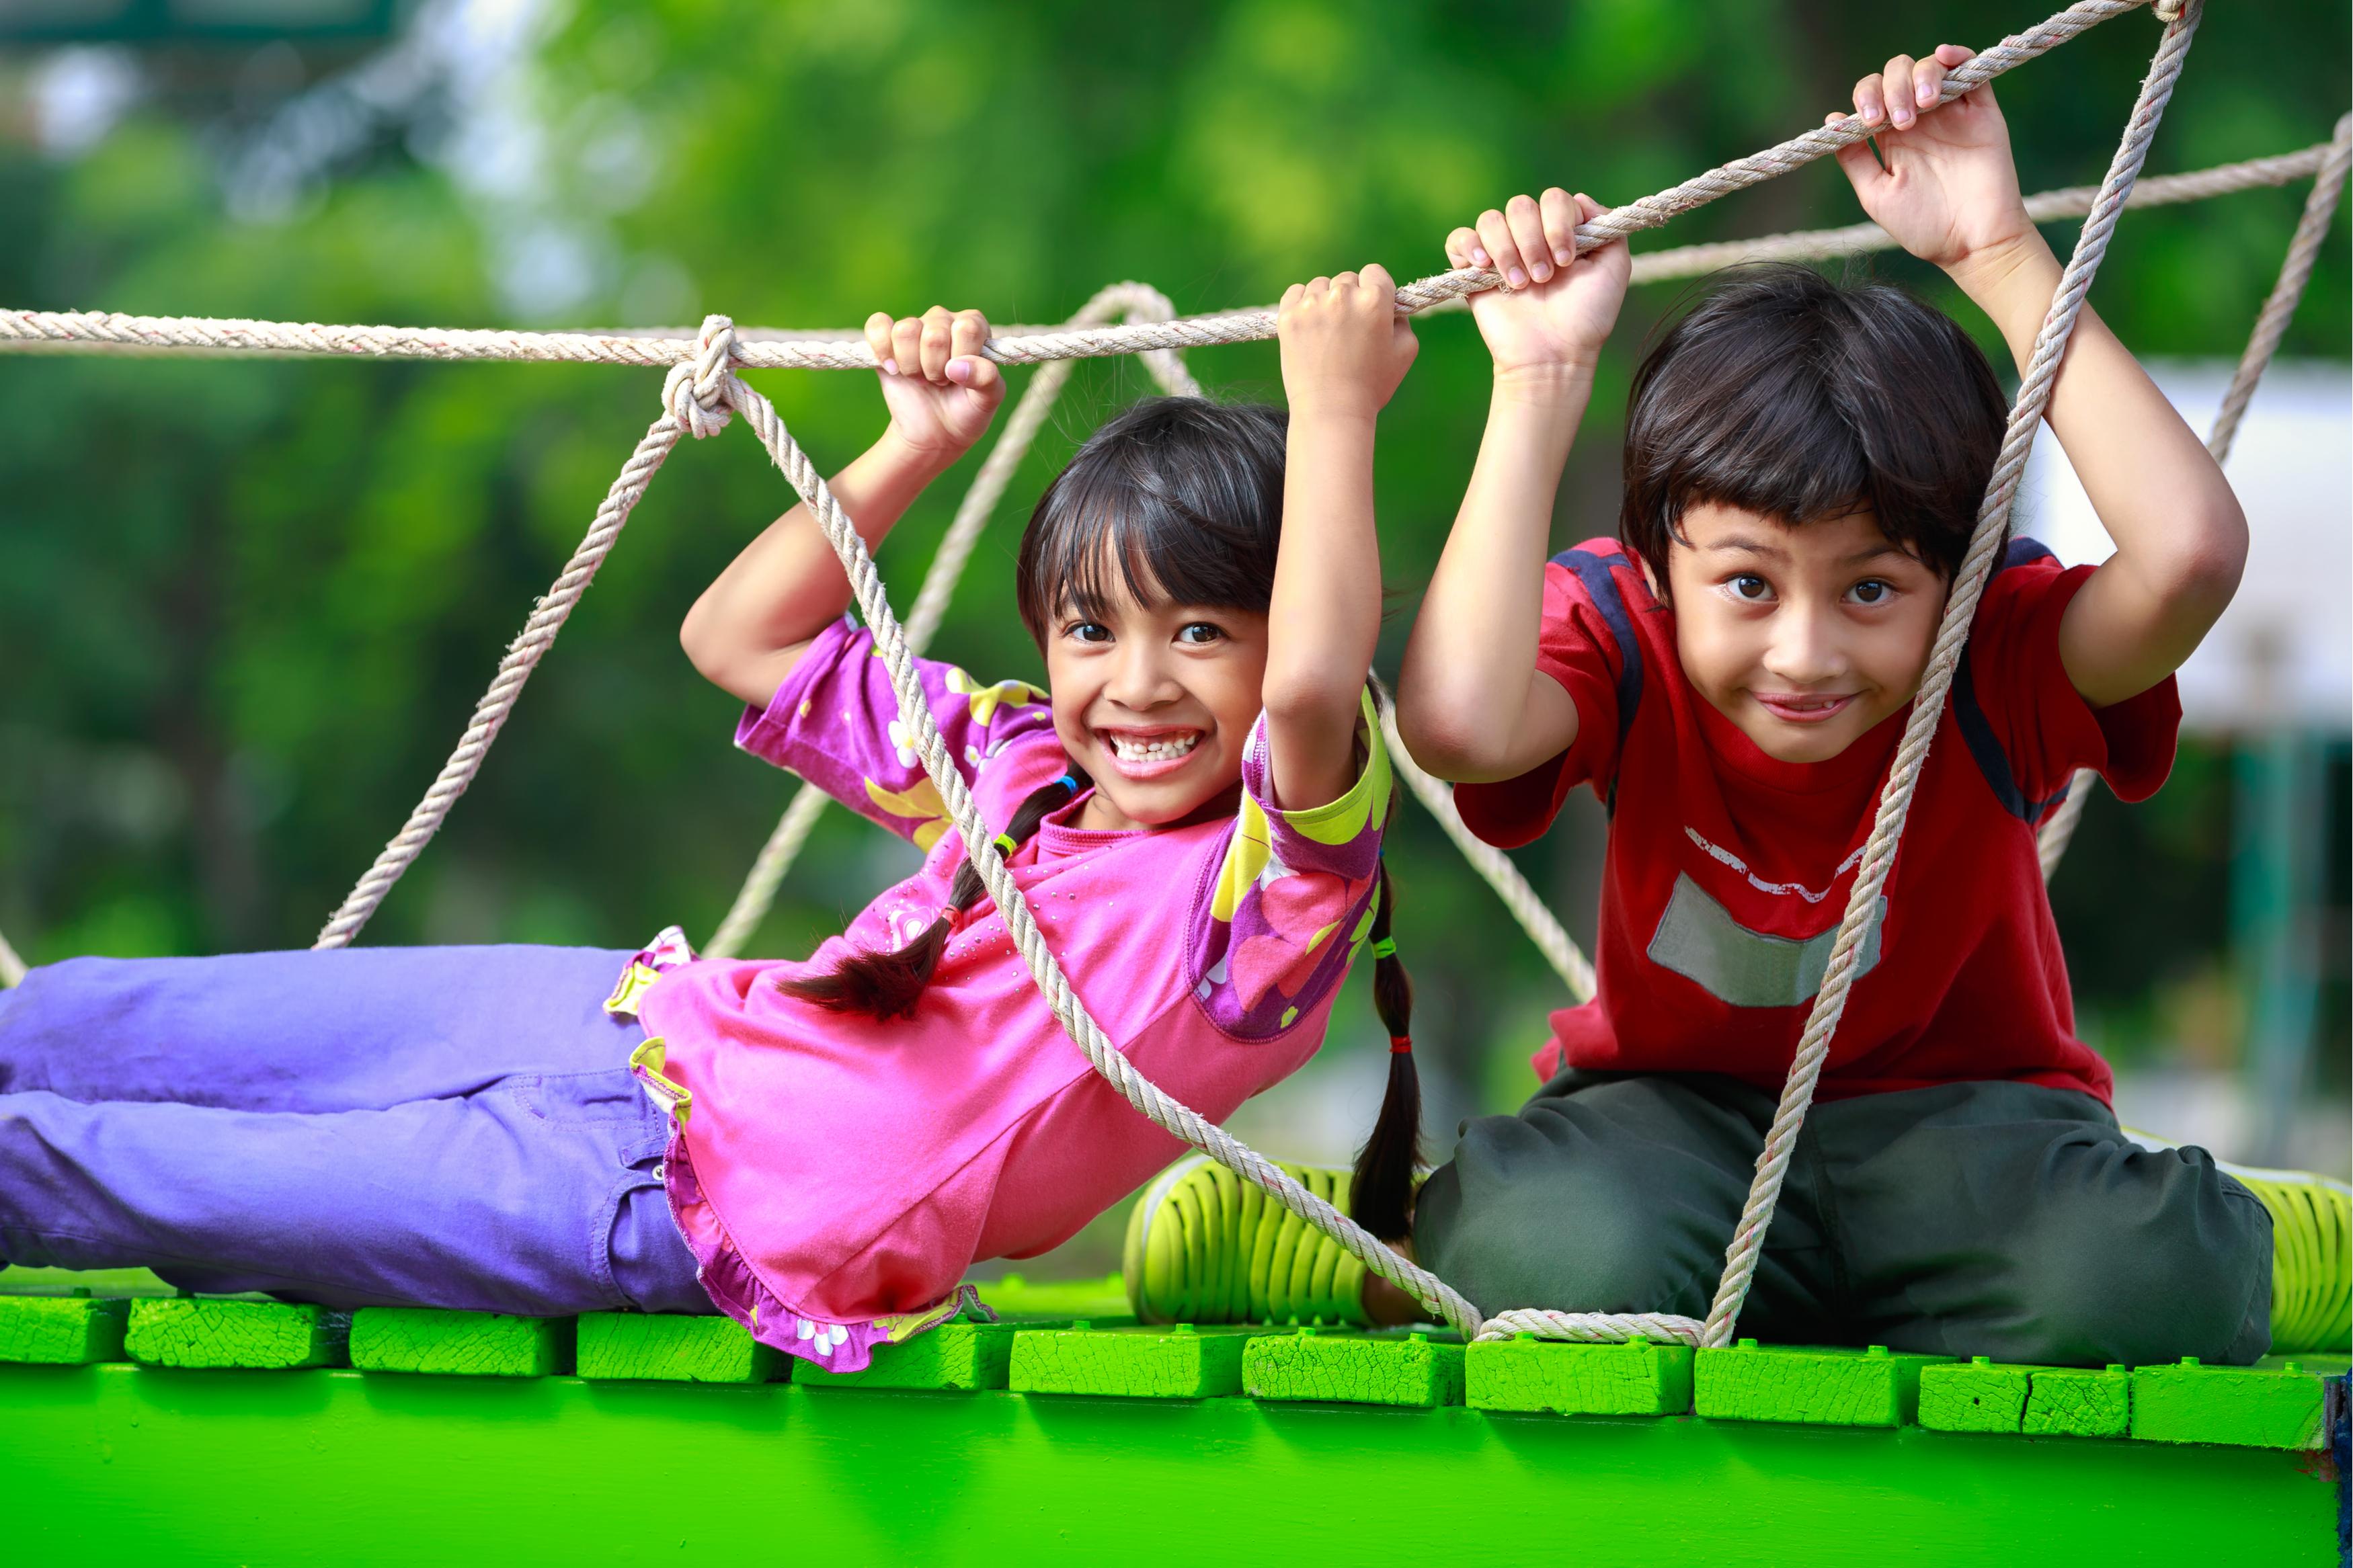 Playground Design: Ideas to Add Variety